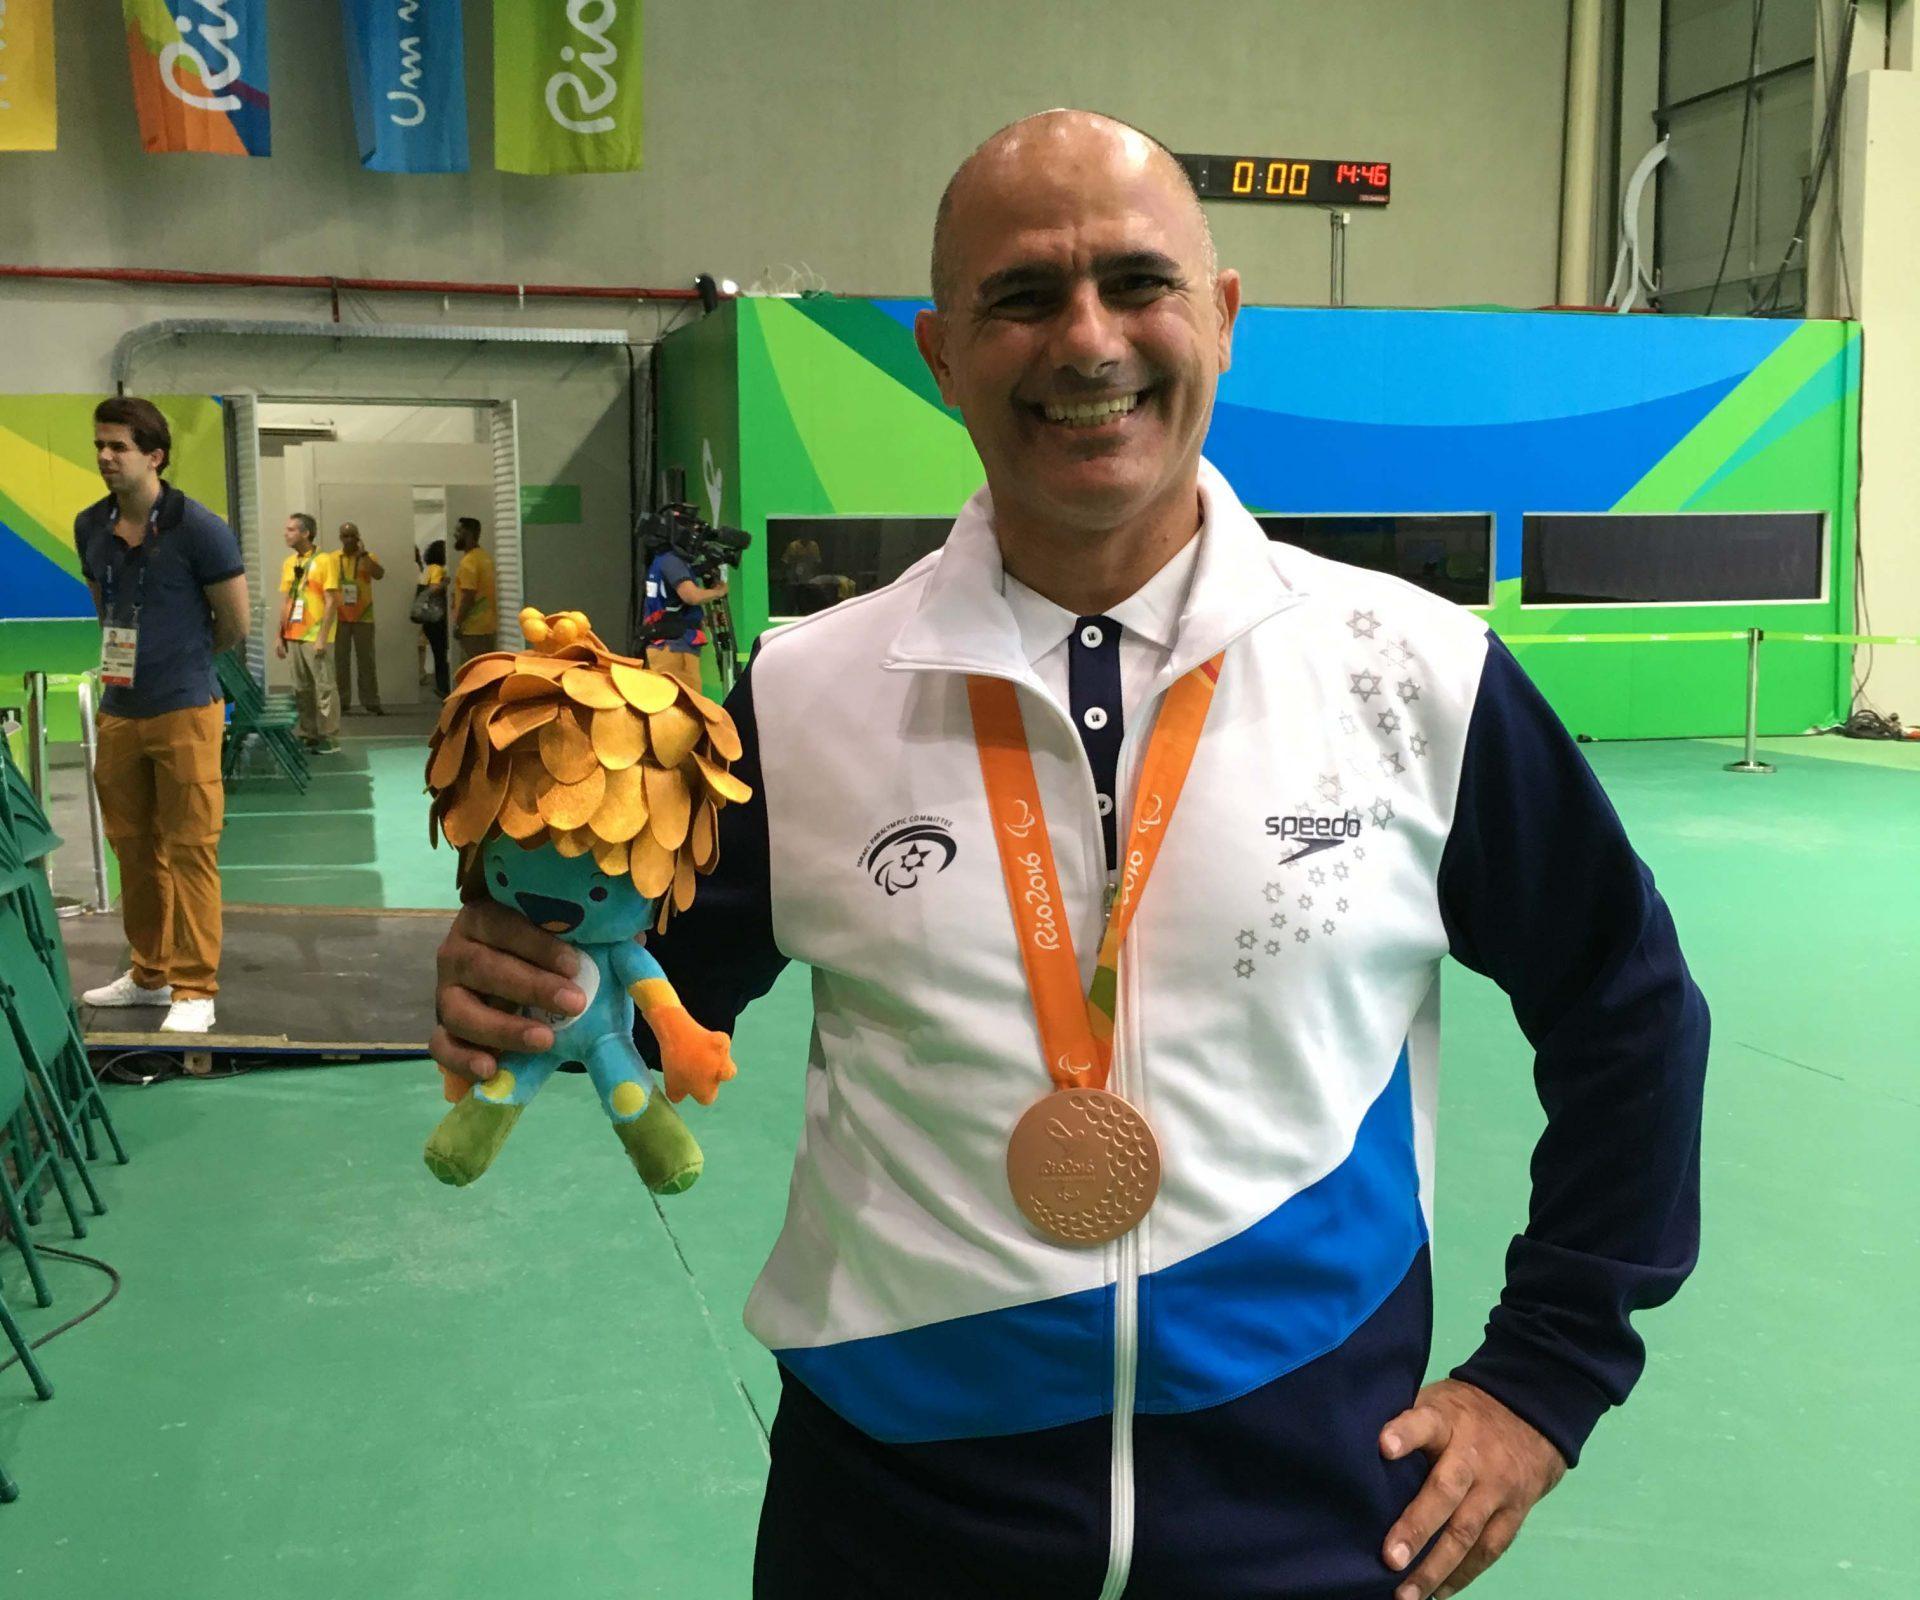 דורון שזירי - מדליית ארד המשחקים הפראלימפים ריו 2016